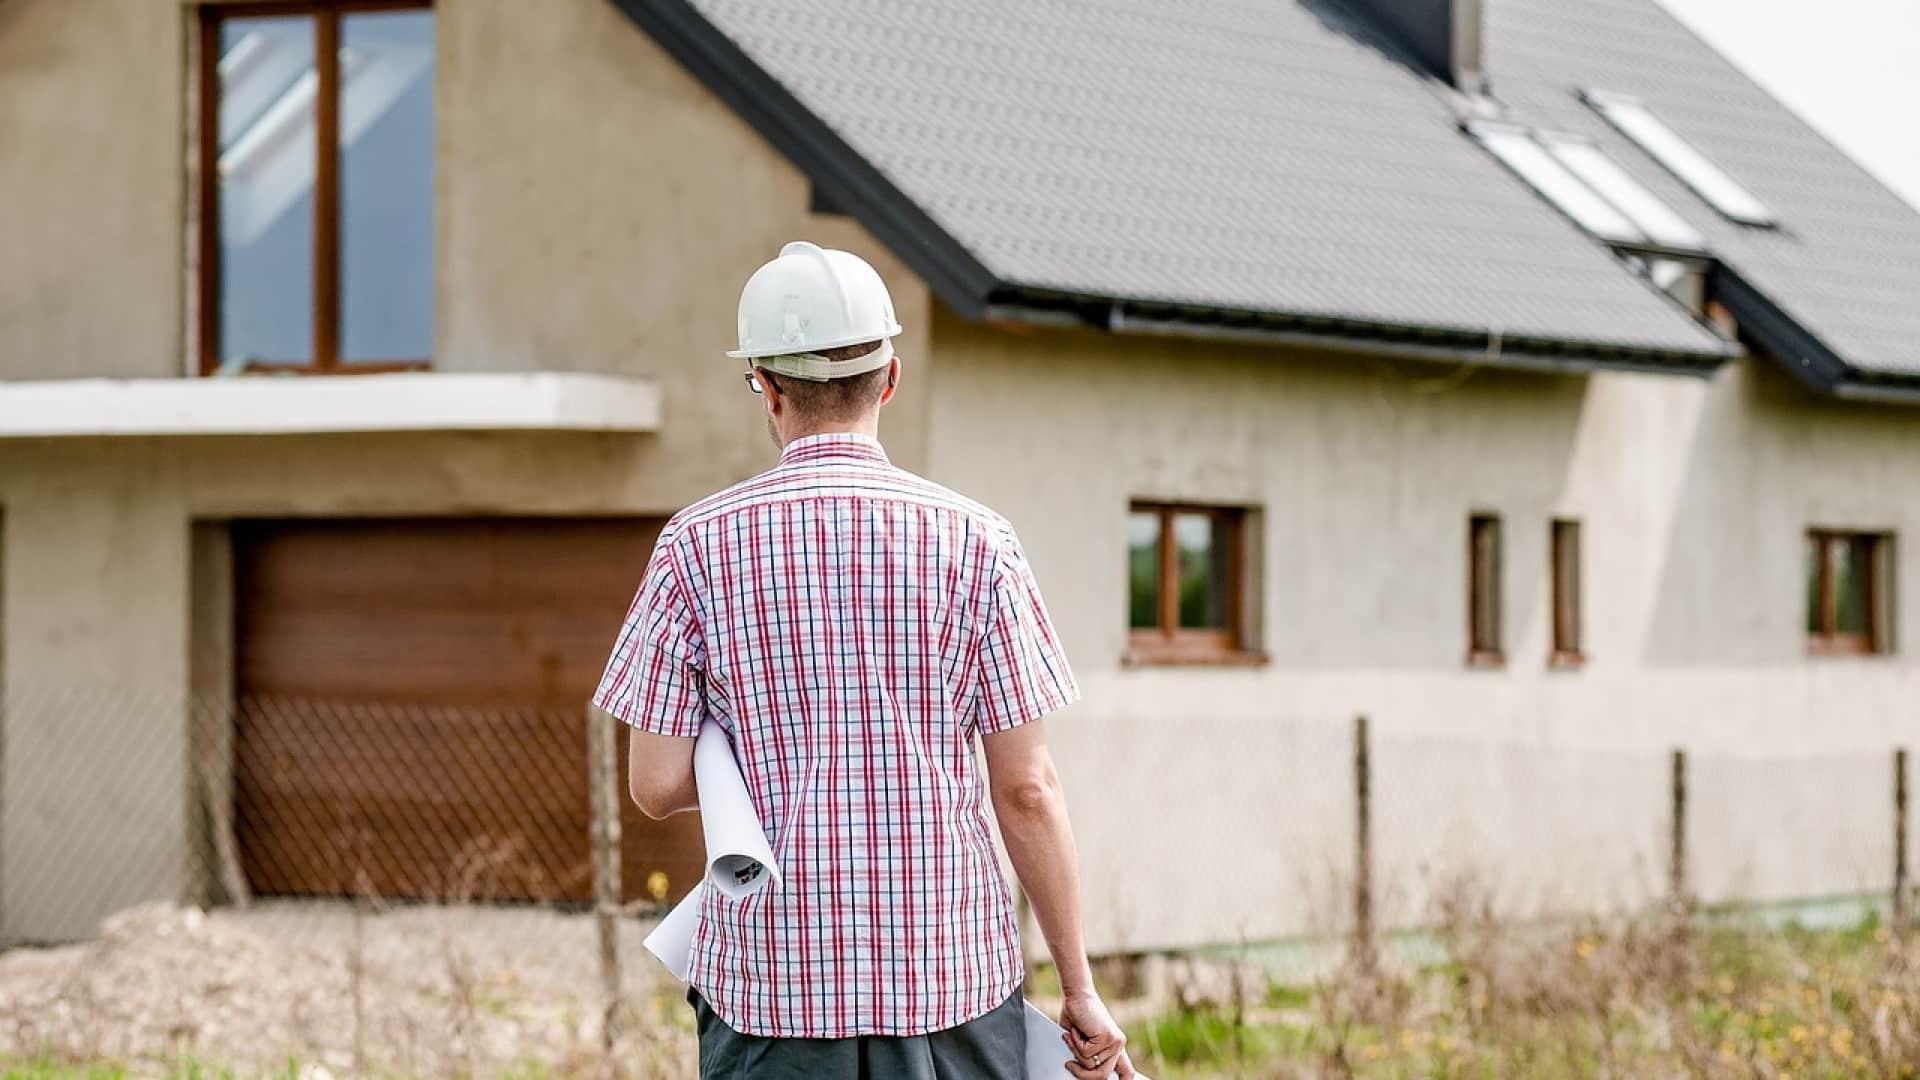 Comment s'assurer qu'un constructeur est fiable ?